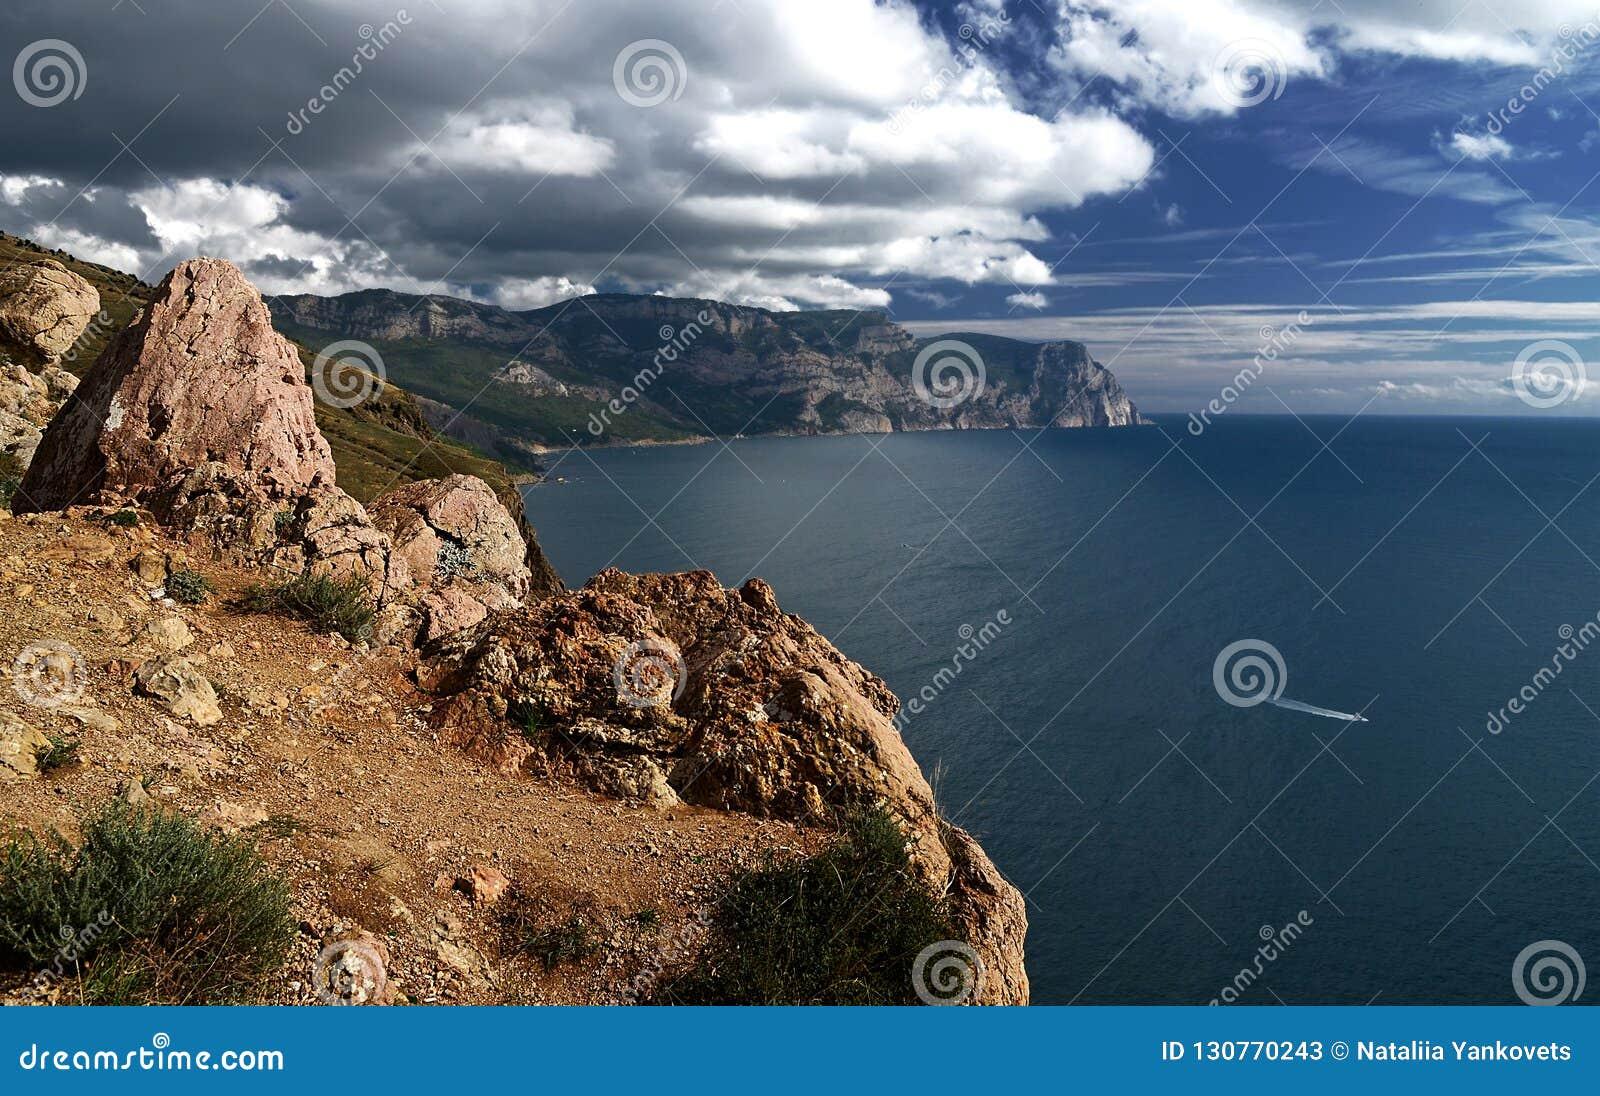 καλοκαίρι Ουκρανία θάλασσας δημοκρατιών βουνών τοπίων ημέρας της Κριμαίας Ουκρανία, Δημοκρατία της Κριμαίας